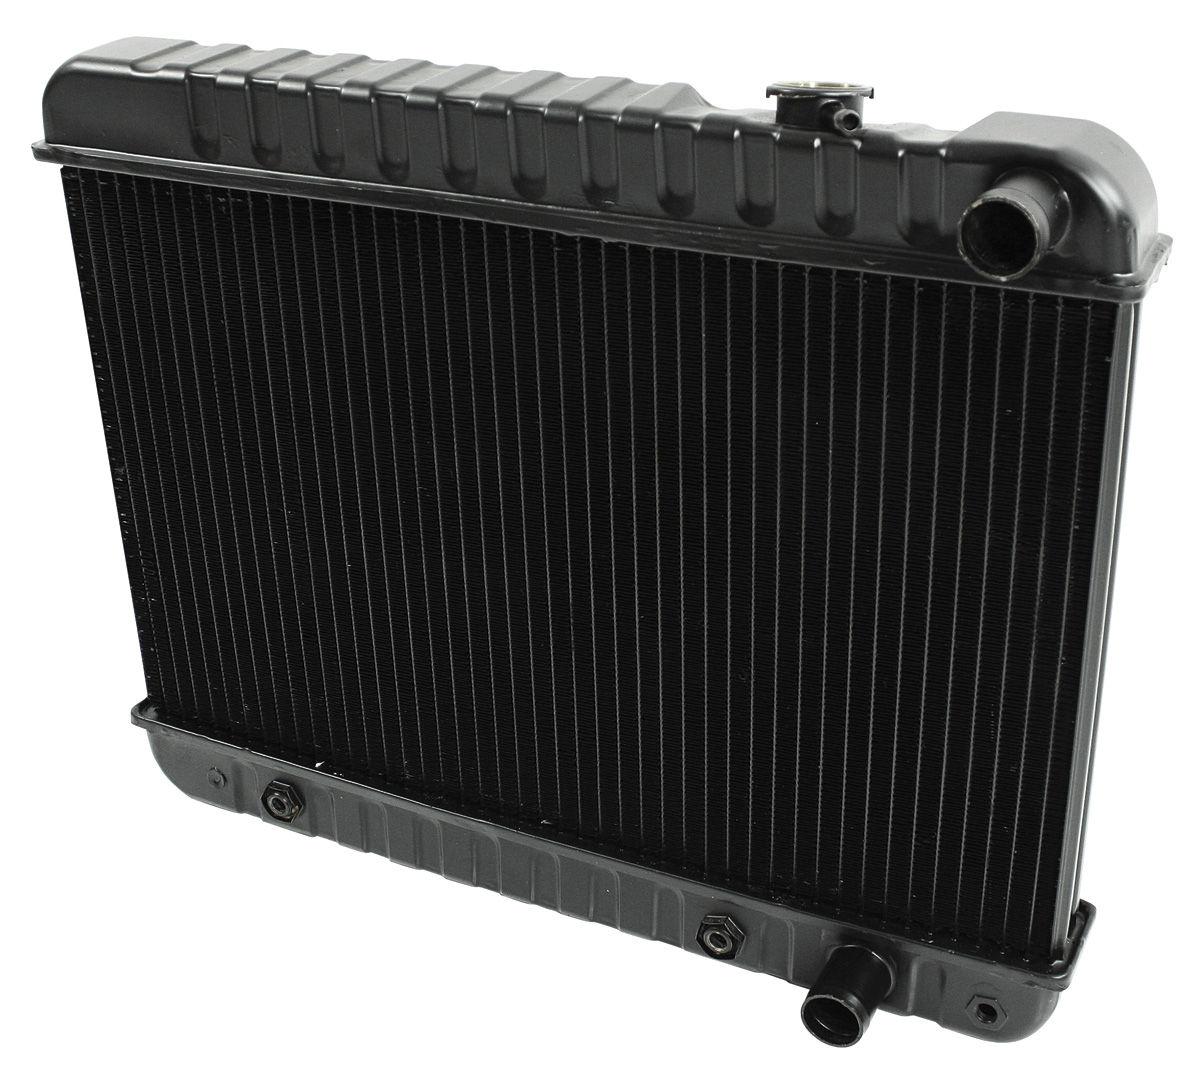 Radiator, 65-66 Skylark/Special, 17 X 20 3/4 X 2-3/4, AT w/AC